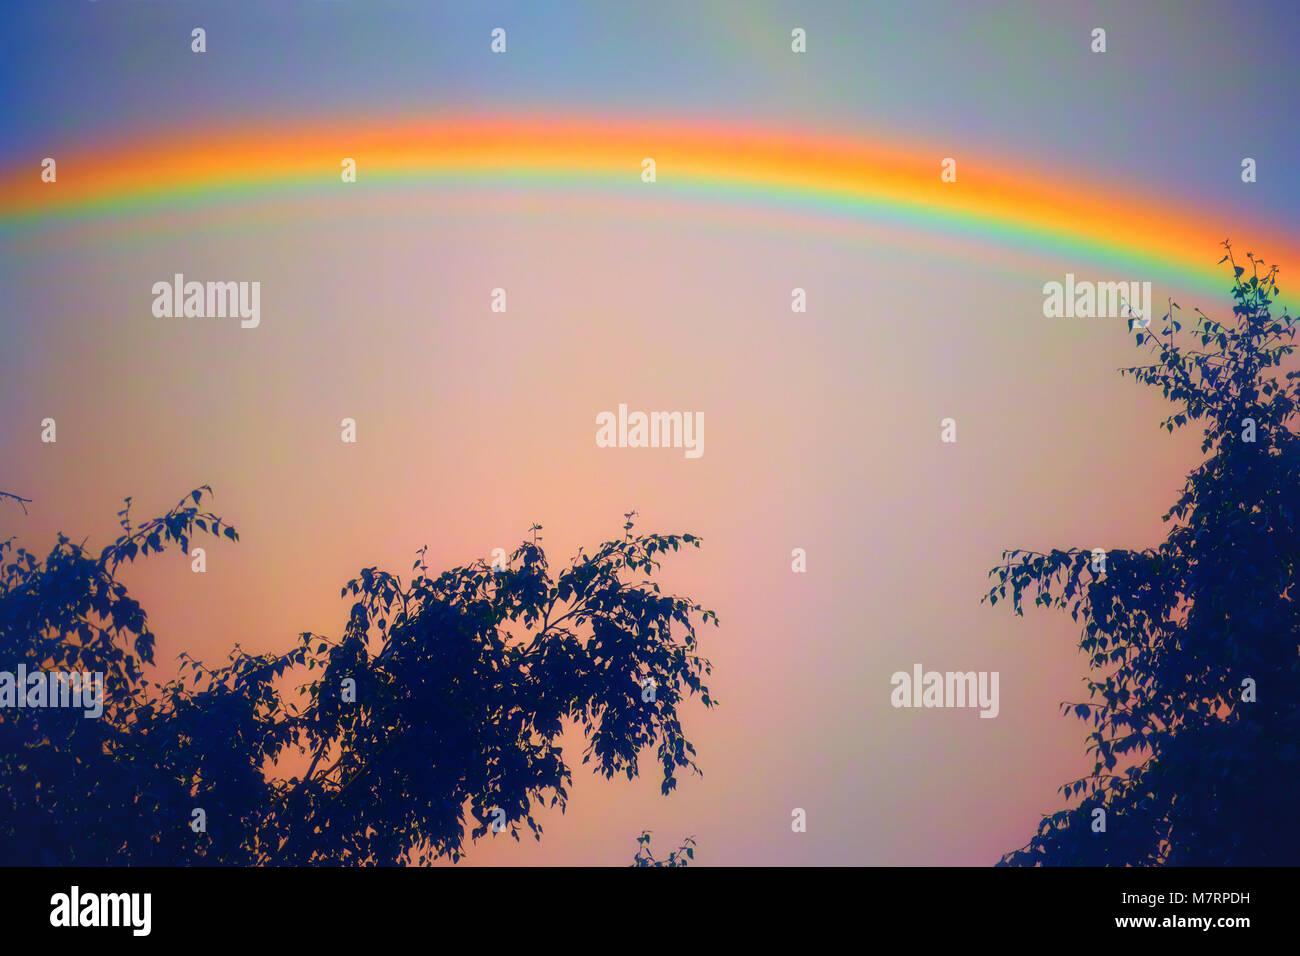 Arco iris sobre un cielo azul. Fenómeno natural. Foto de stock